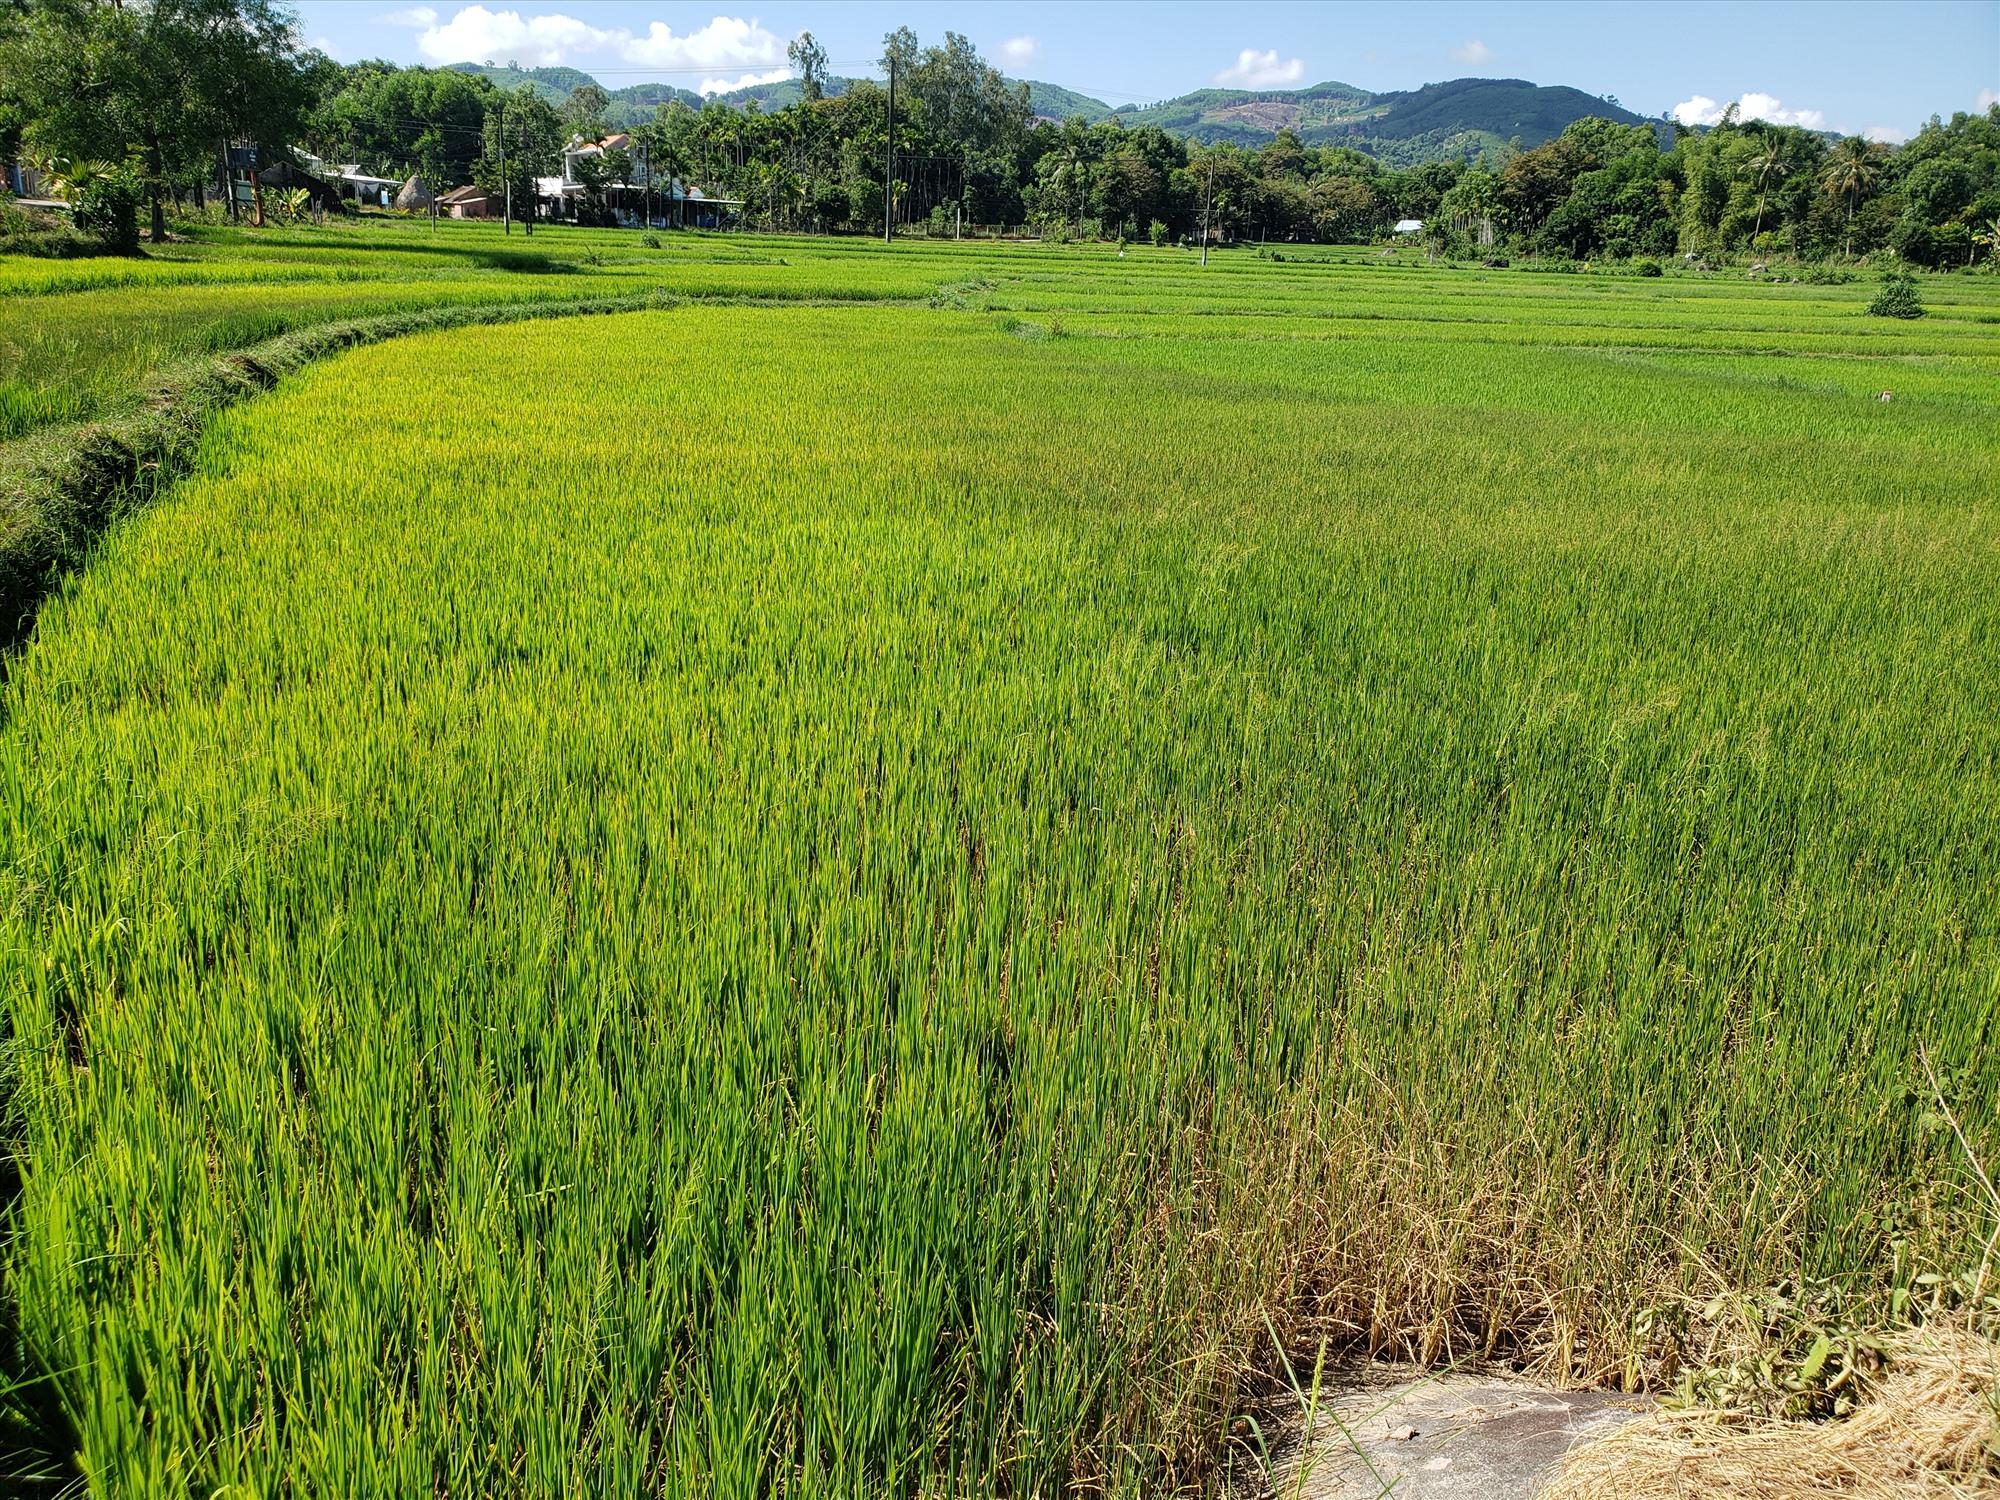 Cánh đồng Ruộng Họ (thôn Ngọc Tú) lúa chuyển sang màu vàng vì thiếu nước tưới. Ảnh: THANH THẮNG